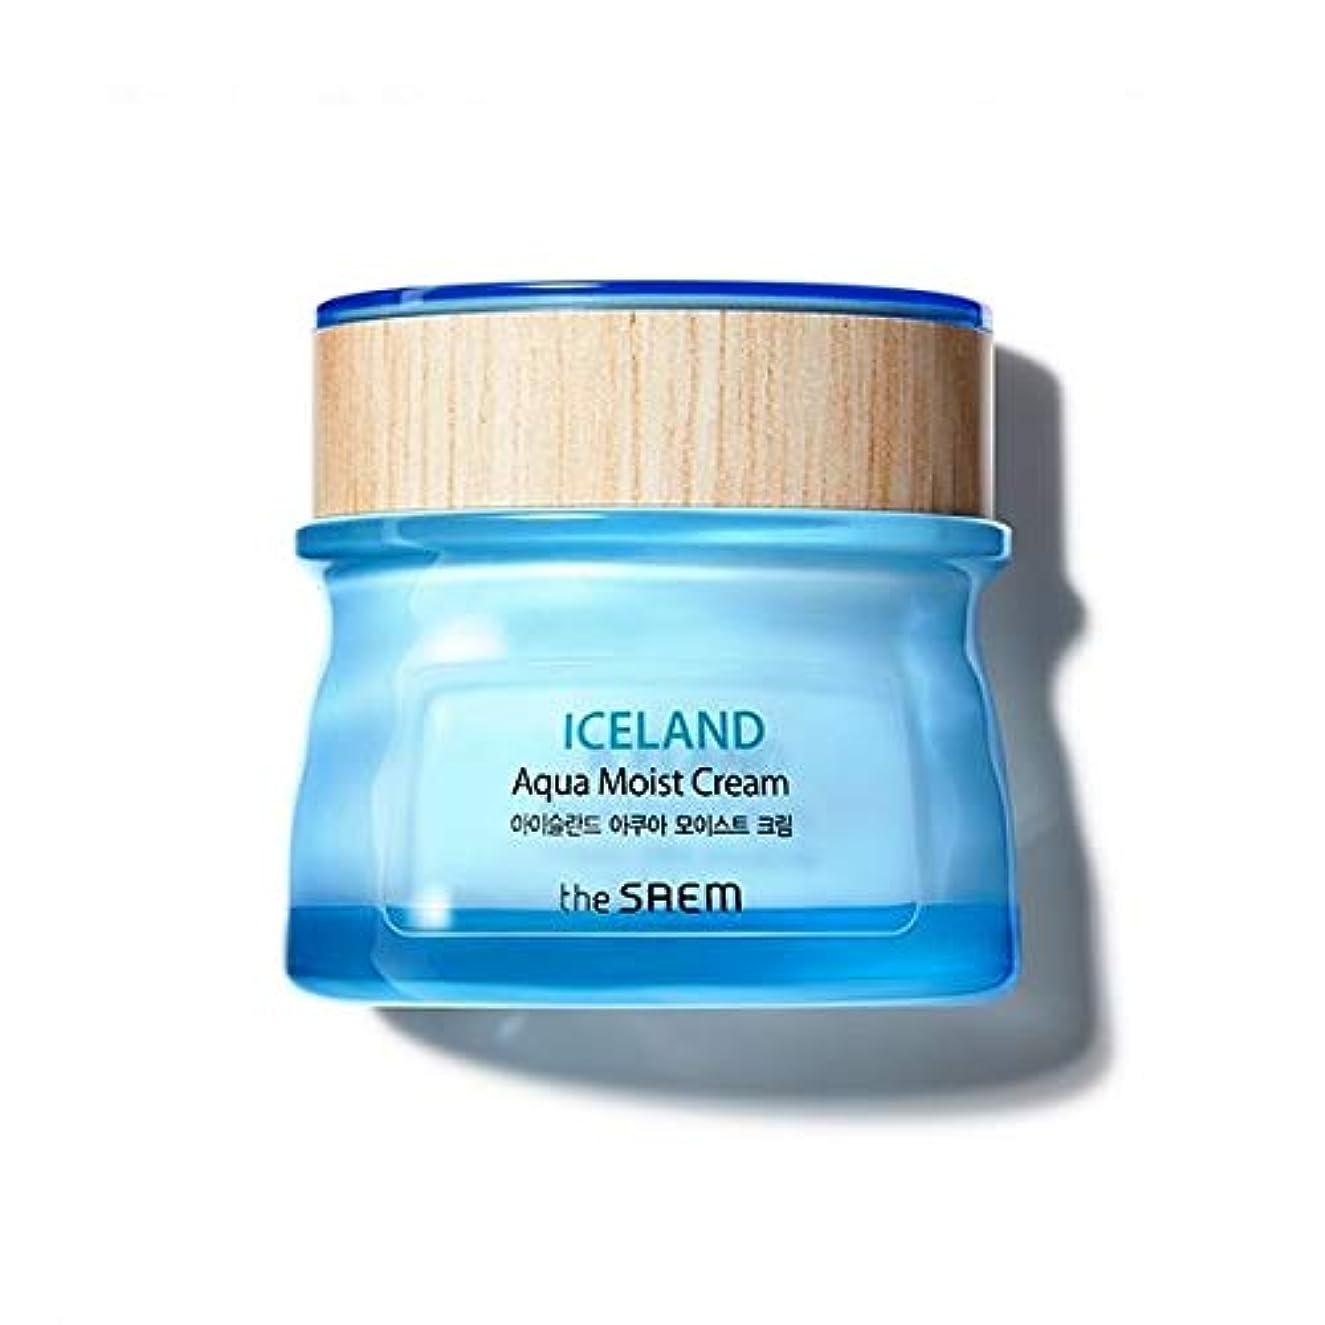 禁止噂ハイキングThe saem Iceland Apua Moist Cream ザセム アイスランド アクア モイスト クリーム 60ml [並行輸入品]